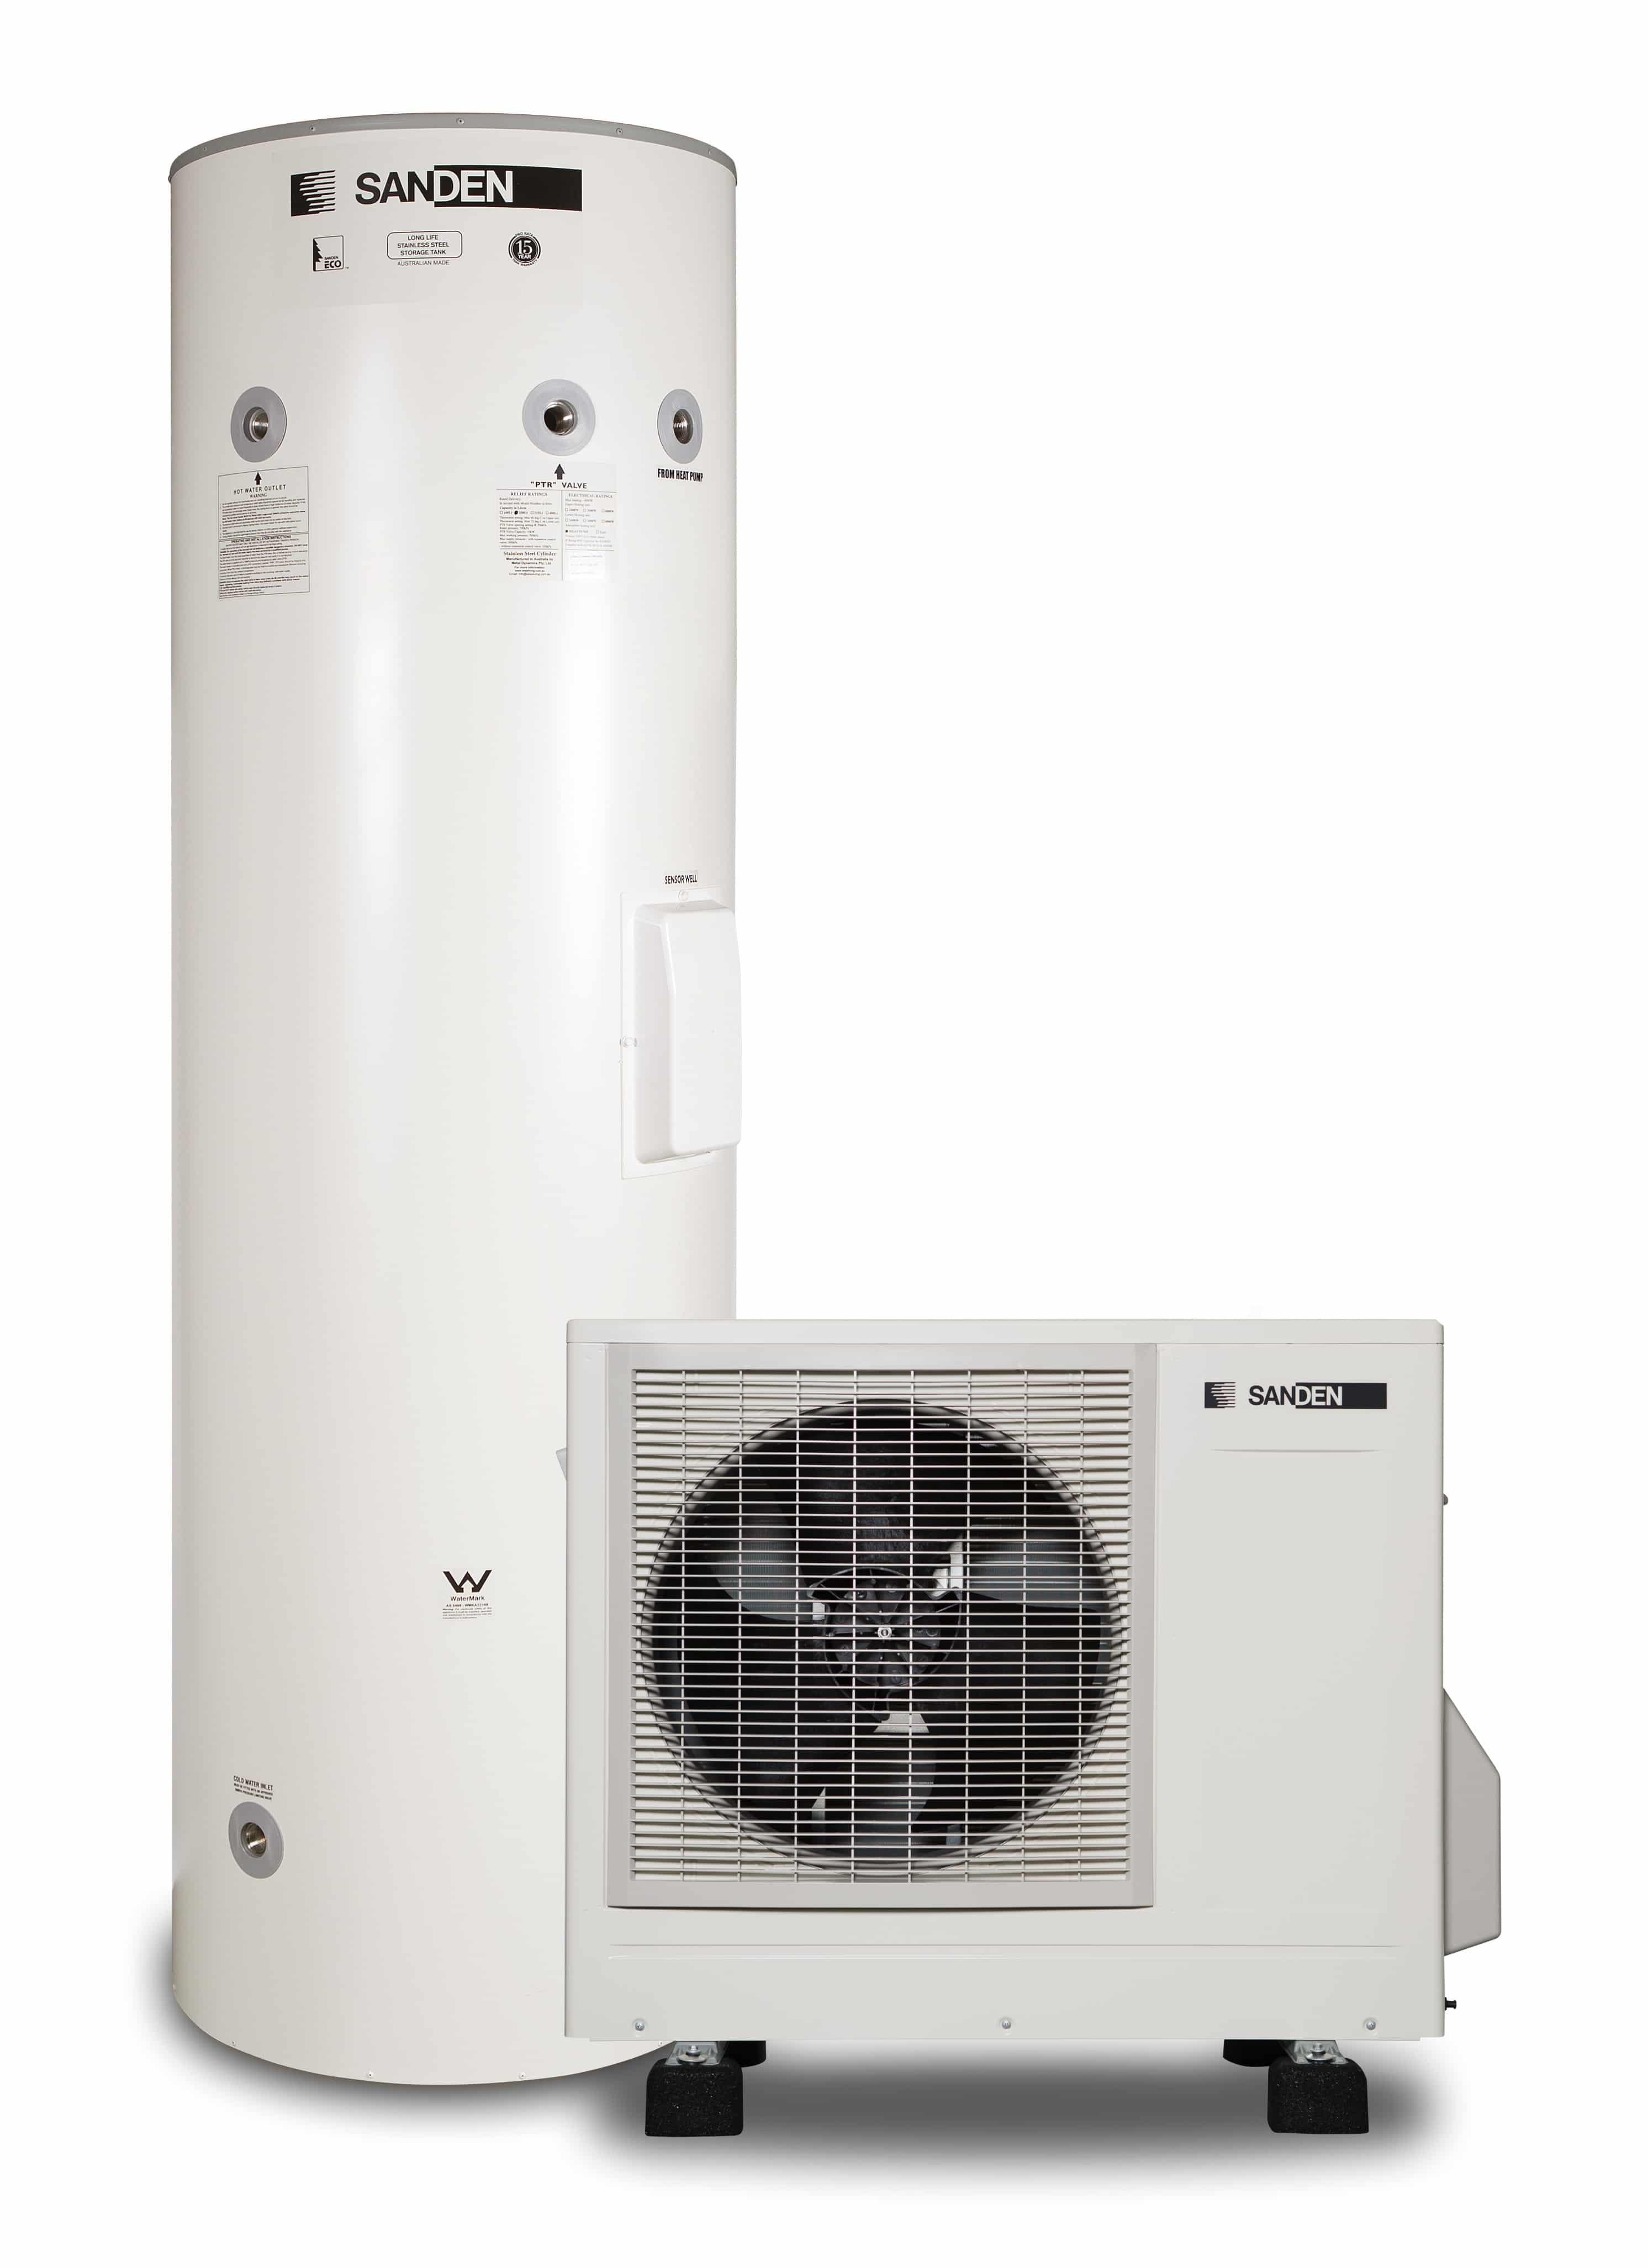 Sanden Eco Plus Heat Pump